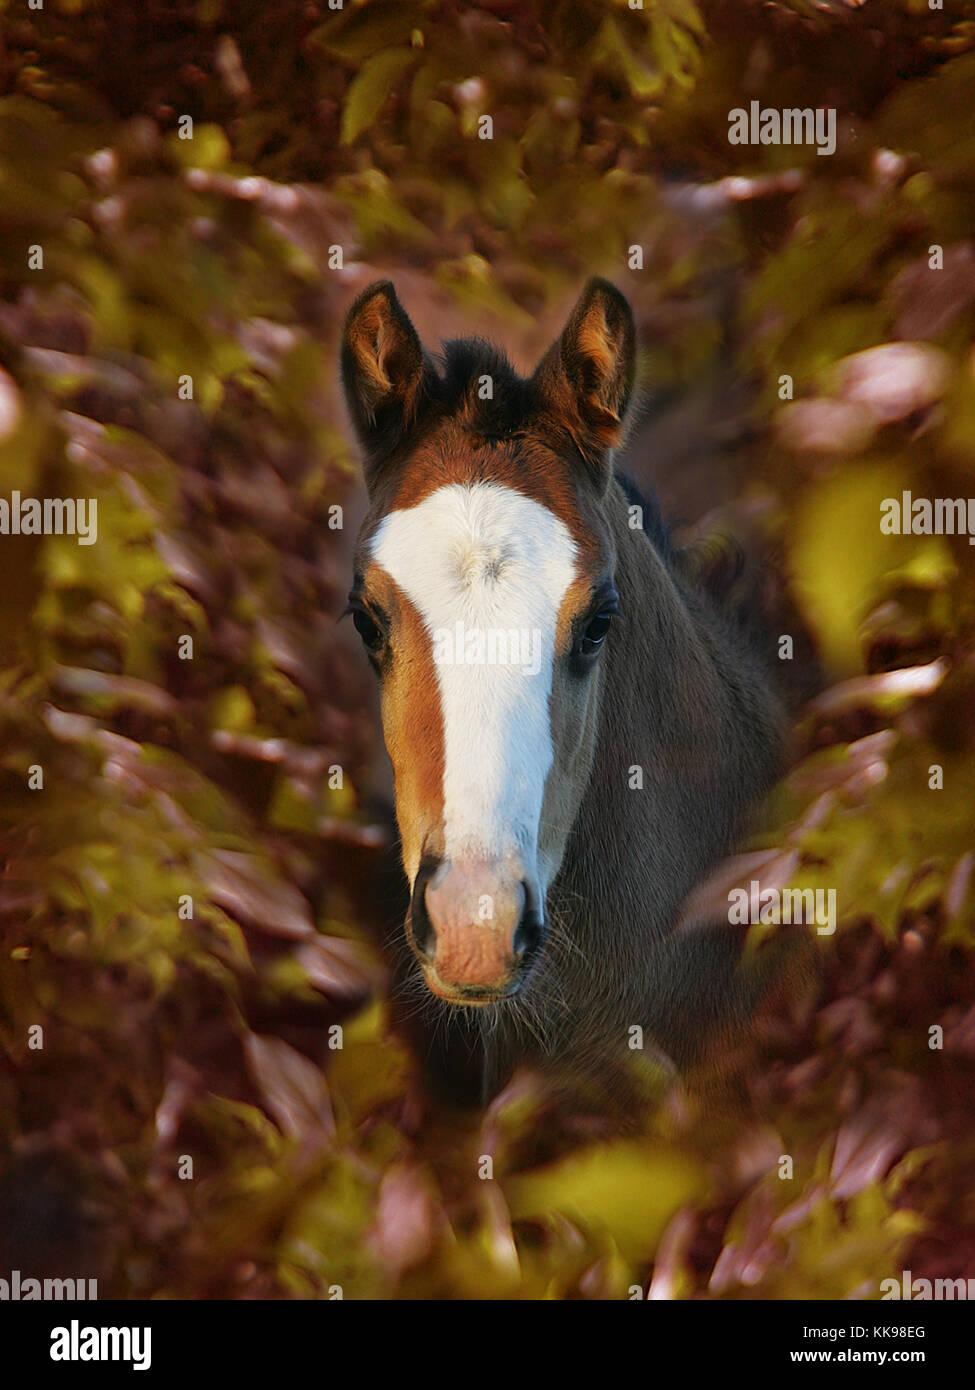 Eine schöne schüchtern Fohlen lugt durch einen Kragen der herbstlichen Blätter. Stockbild